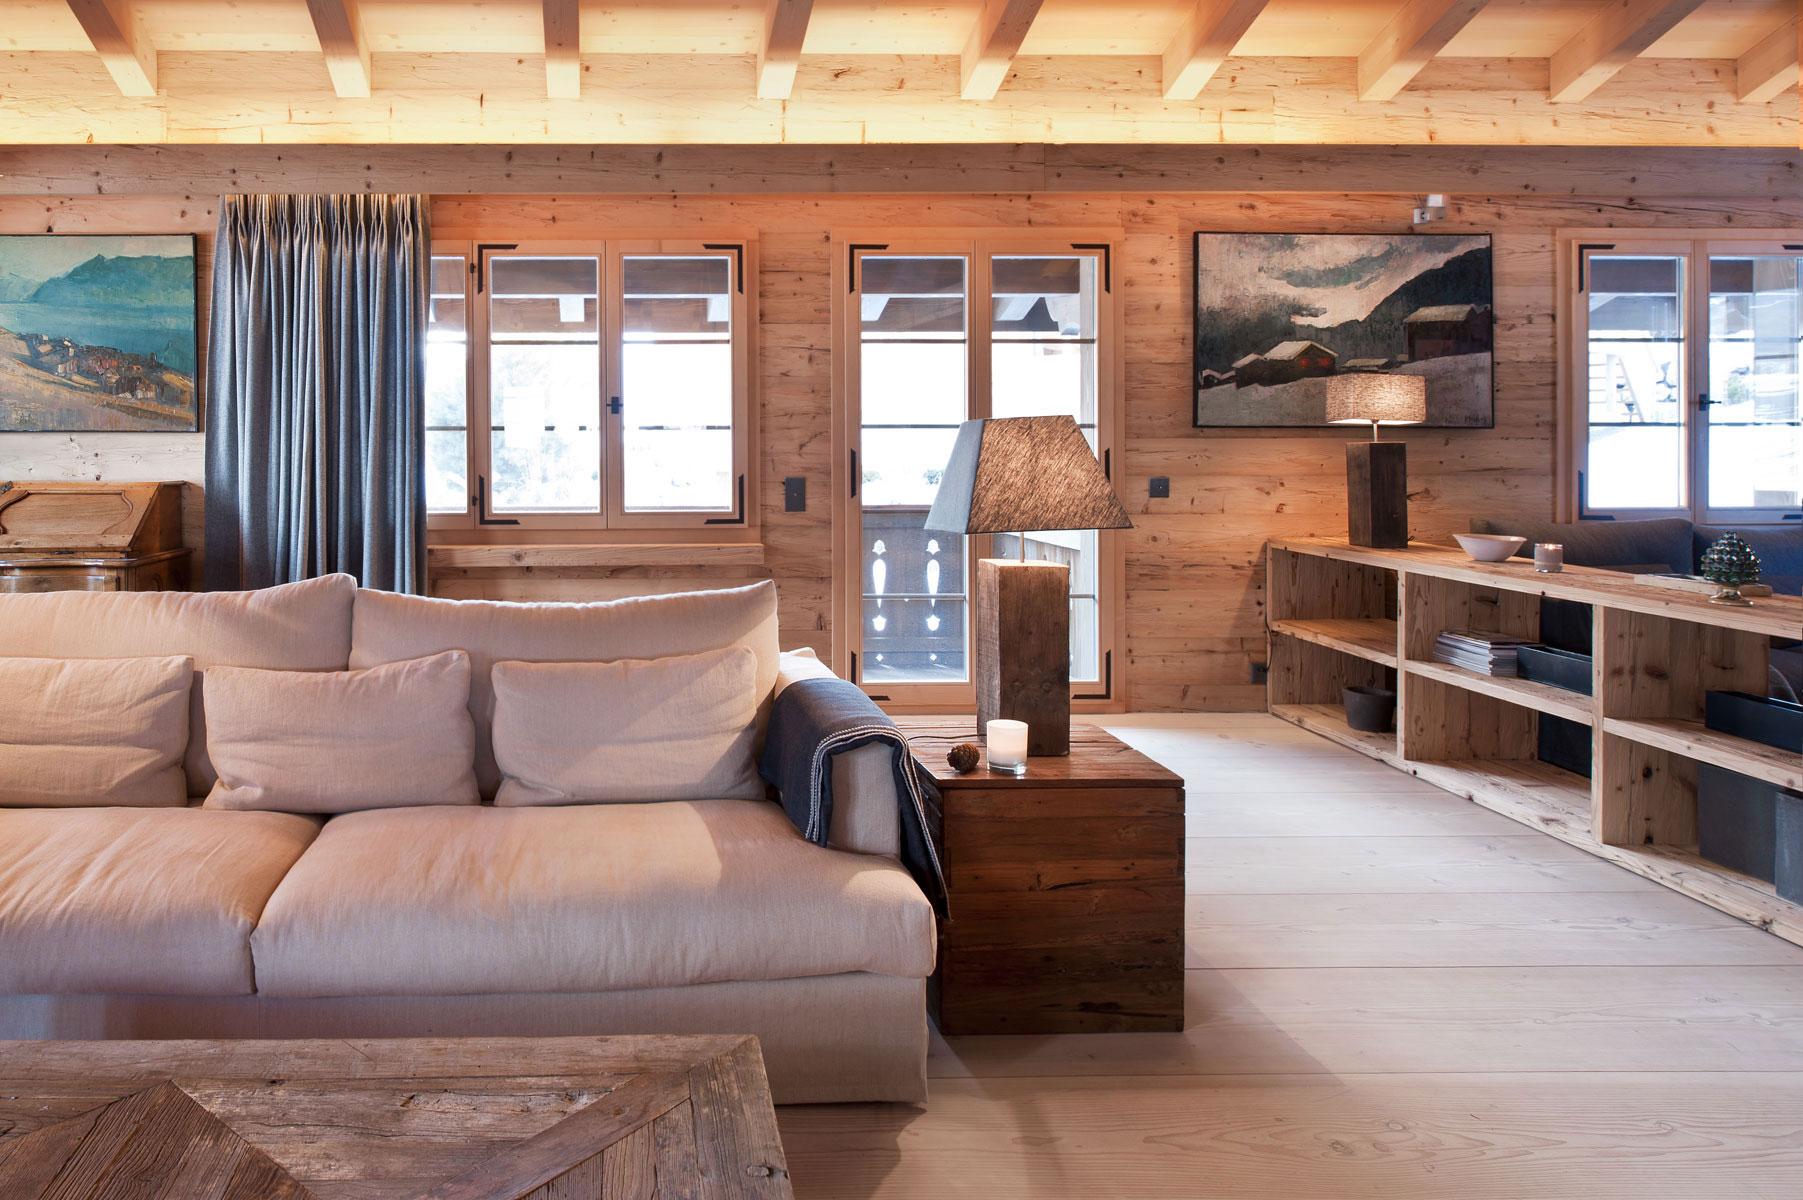 Изначально шале - это французский домик в горах, который отличается простотой, добротностью и уютом